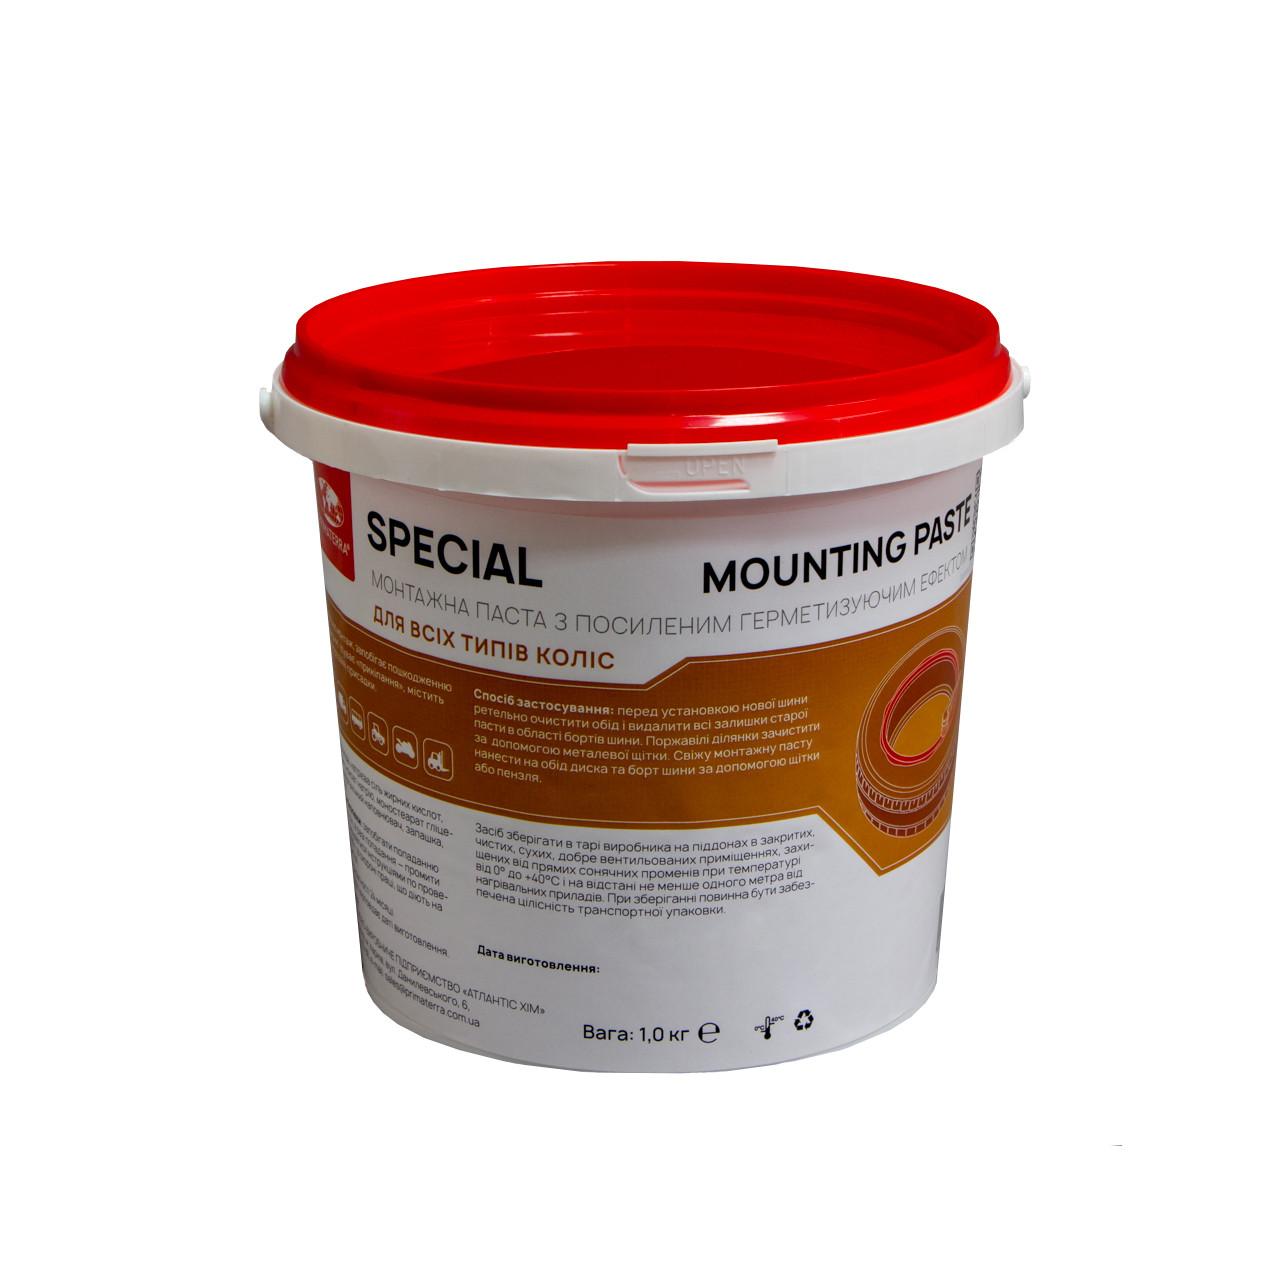 Шиномонтажная паста SPECIAL (КРАСНАЯ, с усиленным герметизирующим эффектом, плотная), 1кг